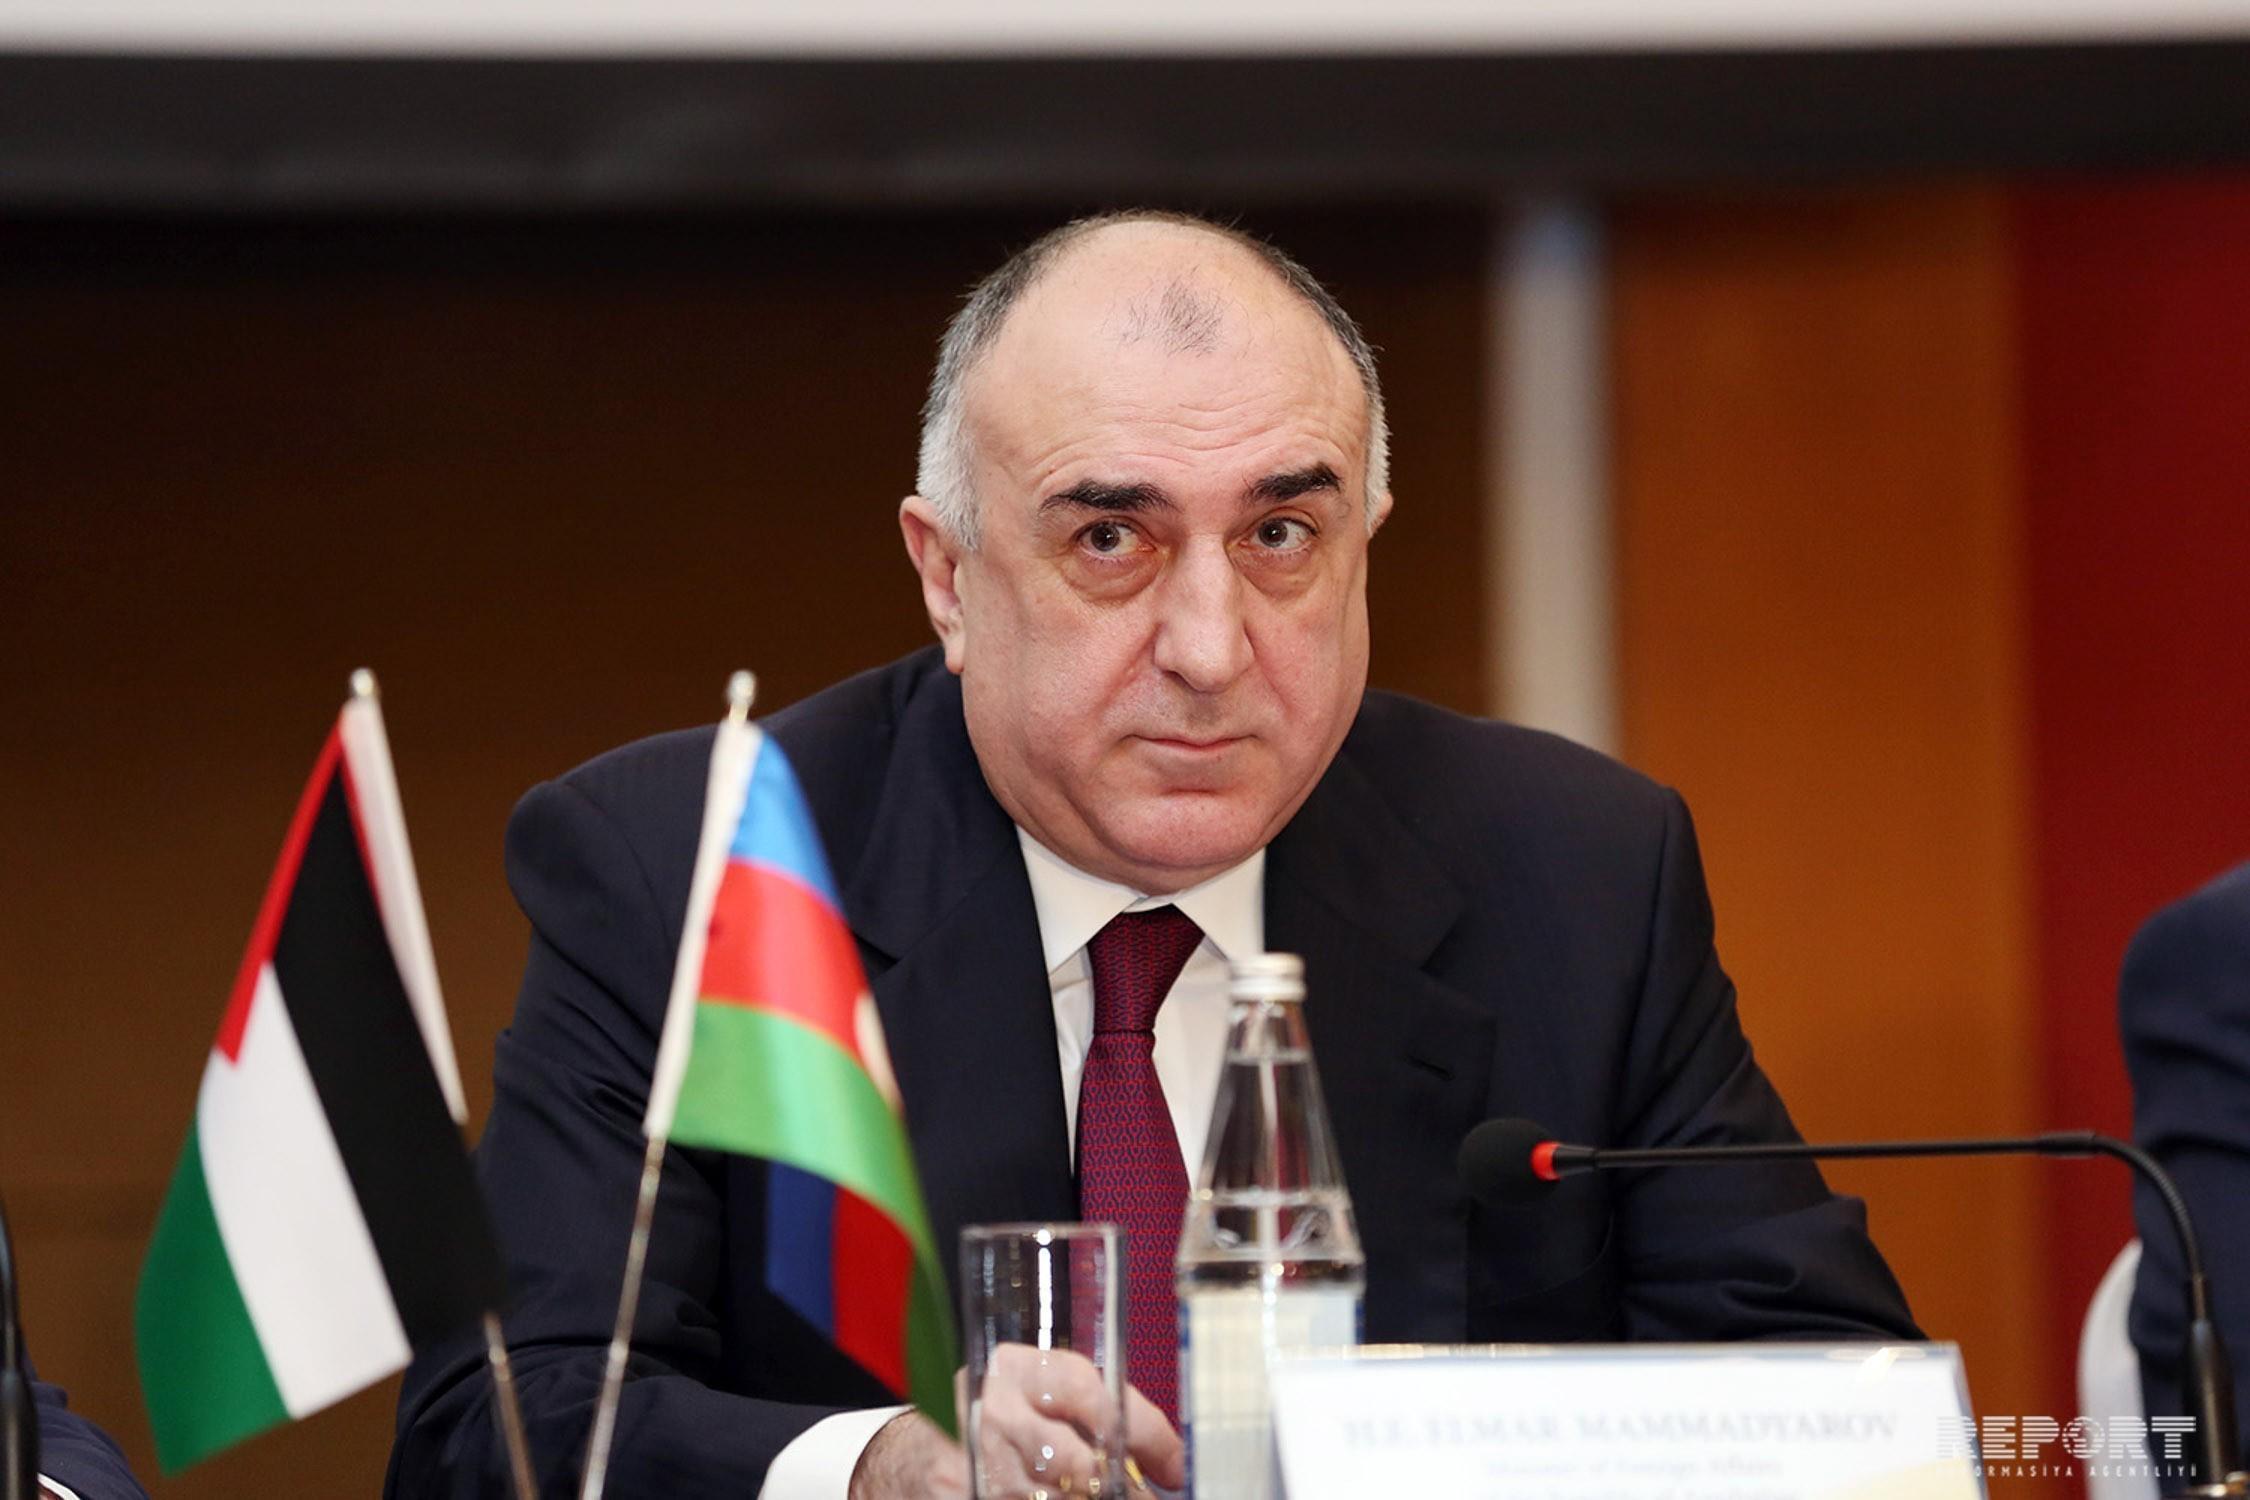 Эльмар Мамедъяров: Азербайджан считает ОЭС одной из важных платформ регионального сотрудничества